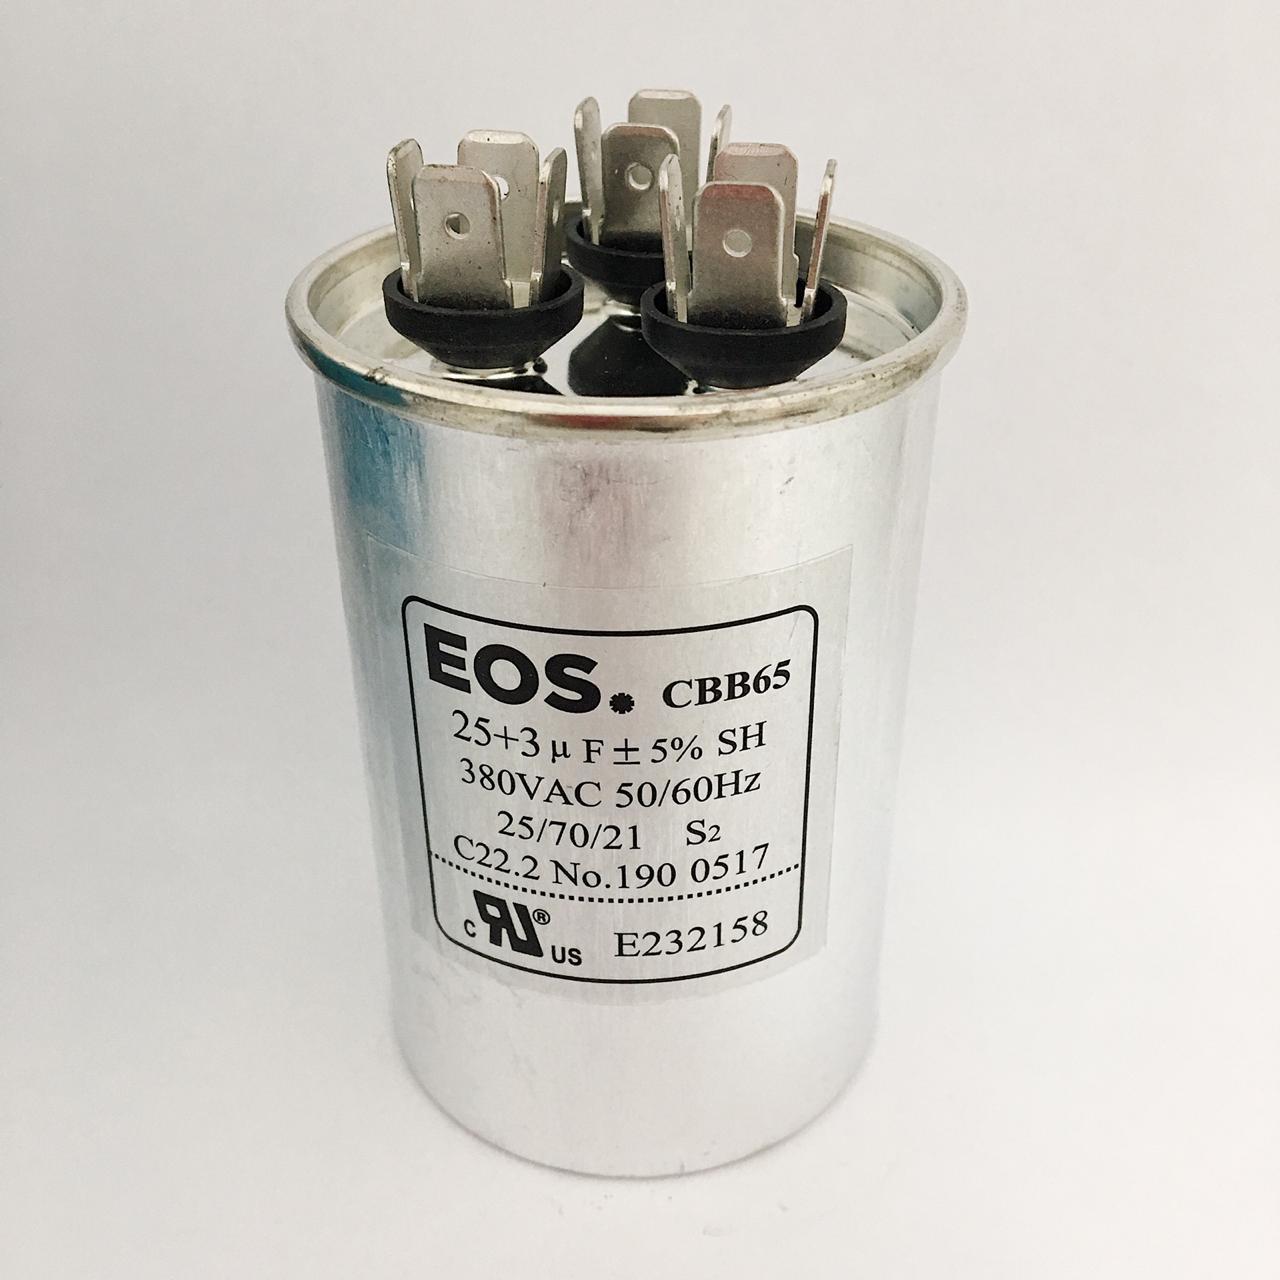 Capacitor 25+3 MFD 380V 50/60HZ